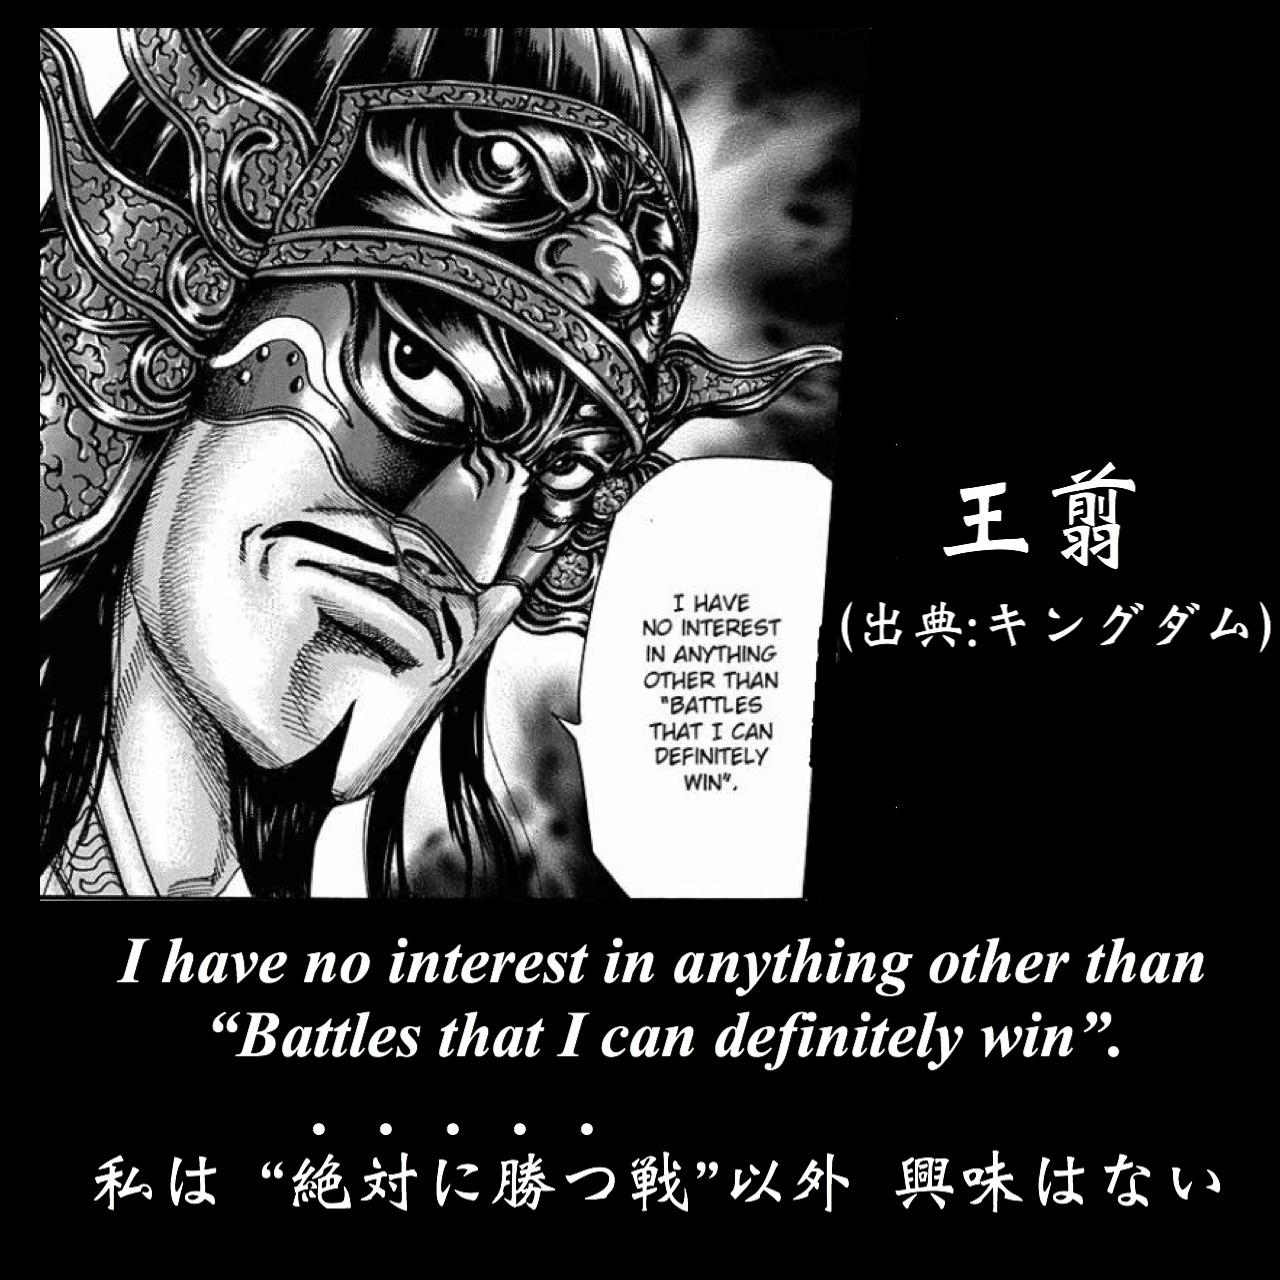 """私は """"絶対に勝つ戦""""以外 興味はない / 王翦(出典:キングダム)"""